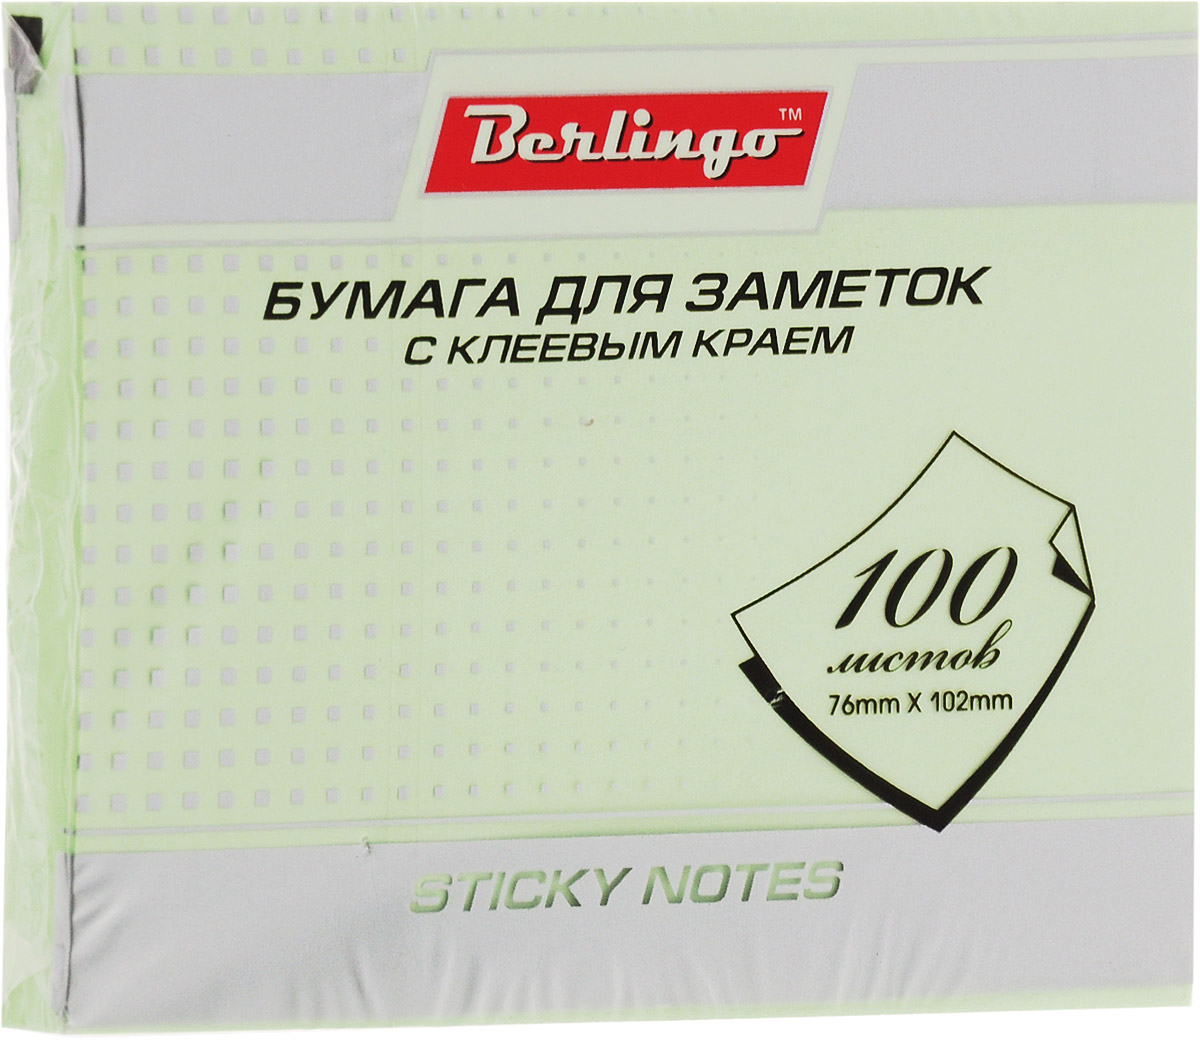 Berlingo Бумага для заметок 7,6 х 10,2 см 100 листов0703415Самоклеящаяся бумага для заметок Berlingo оснащена нежным зеленым цветом.Изготовлена бумага с использованием качественного клеевого состава и специальной основы, позволяющей клею полностью оставаться на отрываемом листке. Листки при отрывании не закручиваются, а качество письма остается одинаковым по всей площади листка.Такая бумага отлично подходит для крепления на любой поверхности. Легко отклеивается, не оставляя следов.